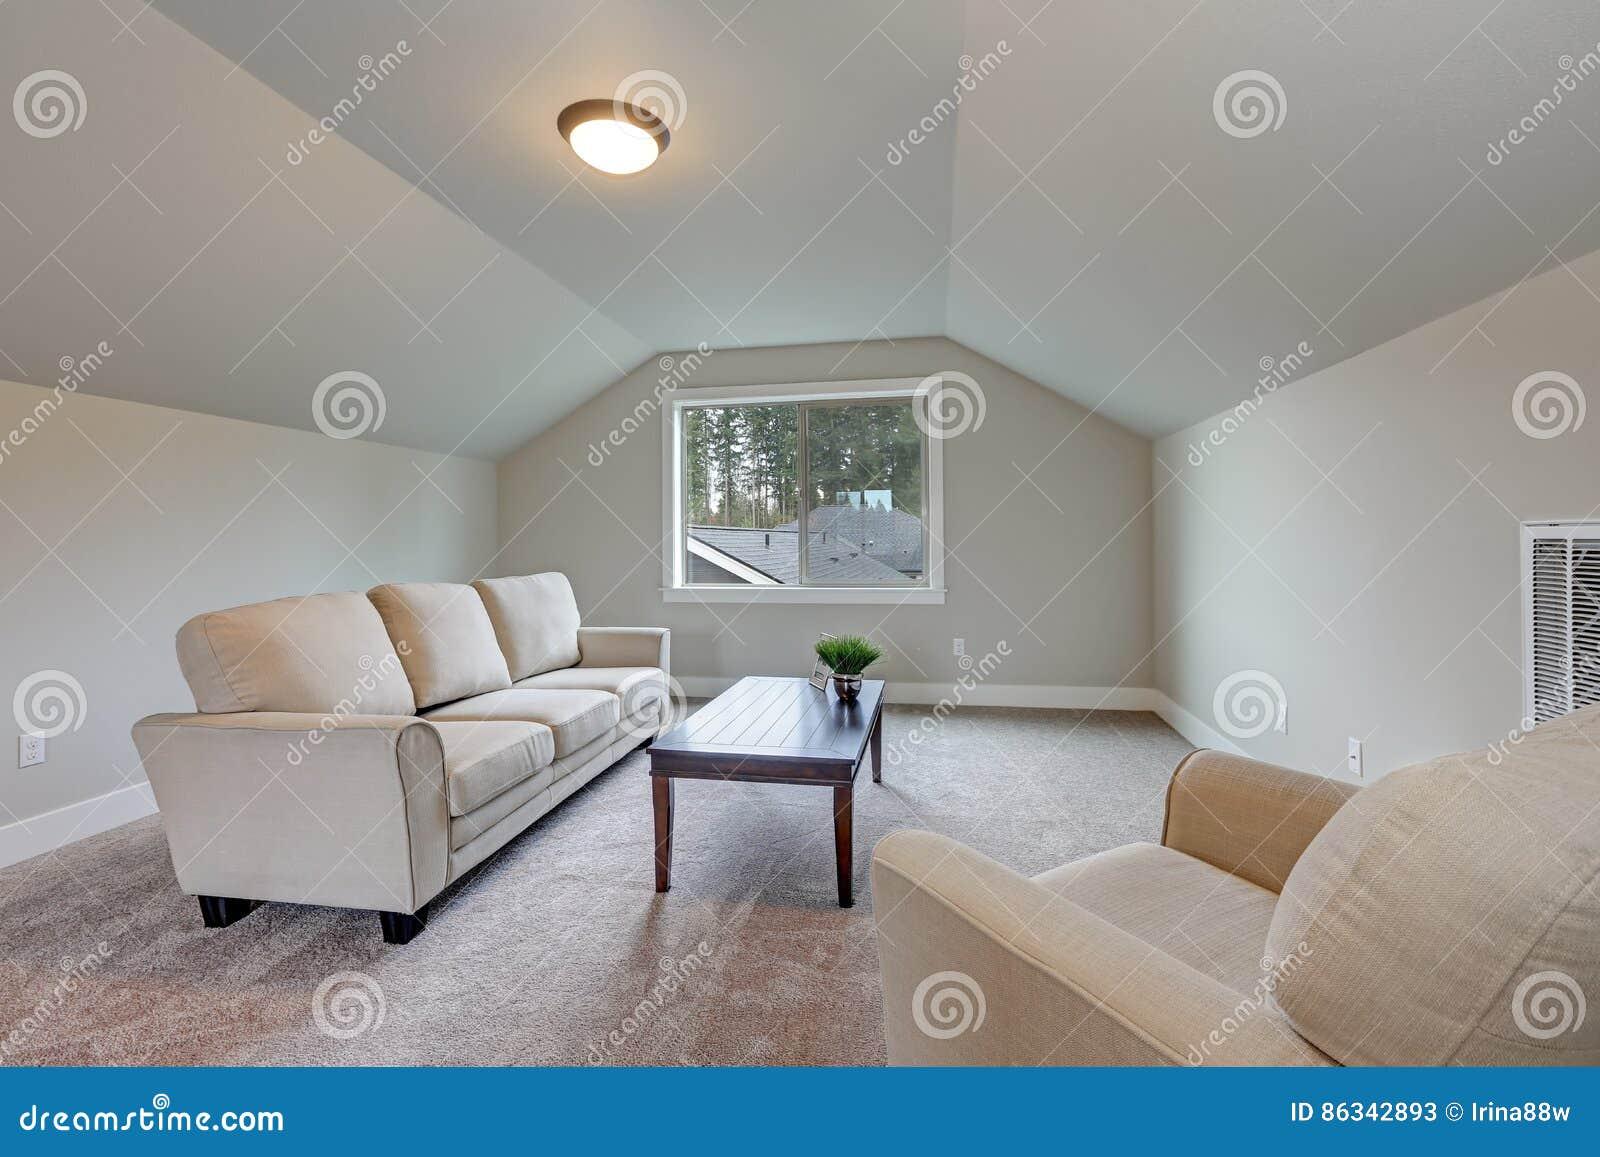 ff7cd2dbd7fac O interior da sala de família do teto arcado com cor cinzenta da pintura  caracteriza a tabela confortável do sofá, da poltrona e de cocktail sobre o  ...